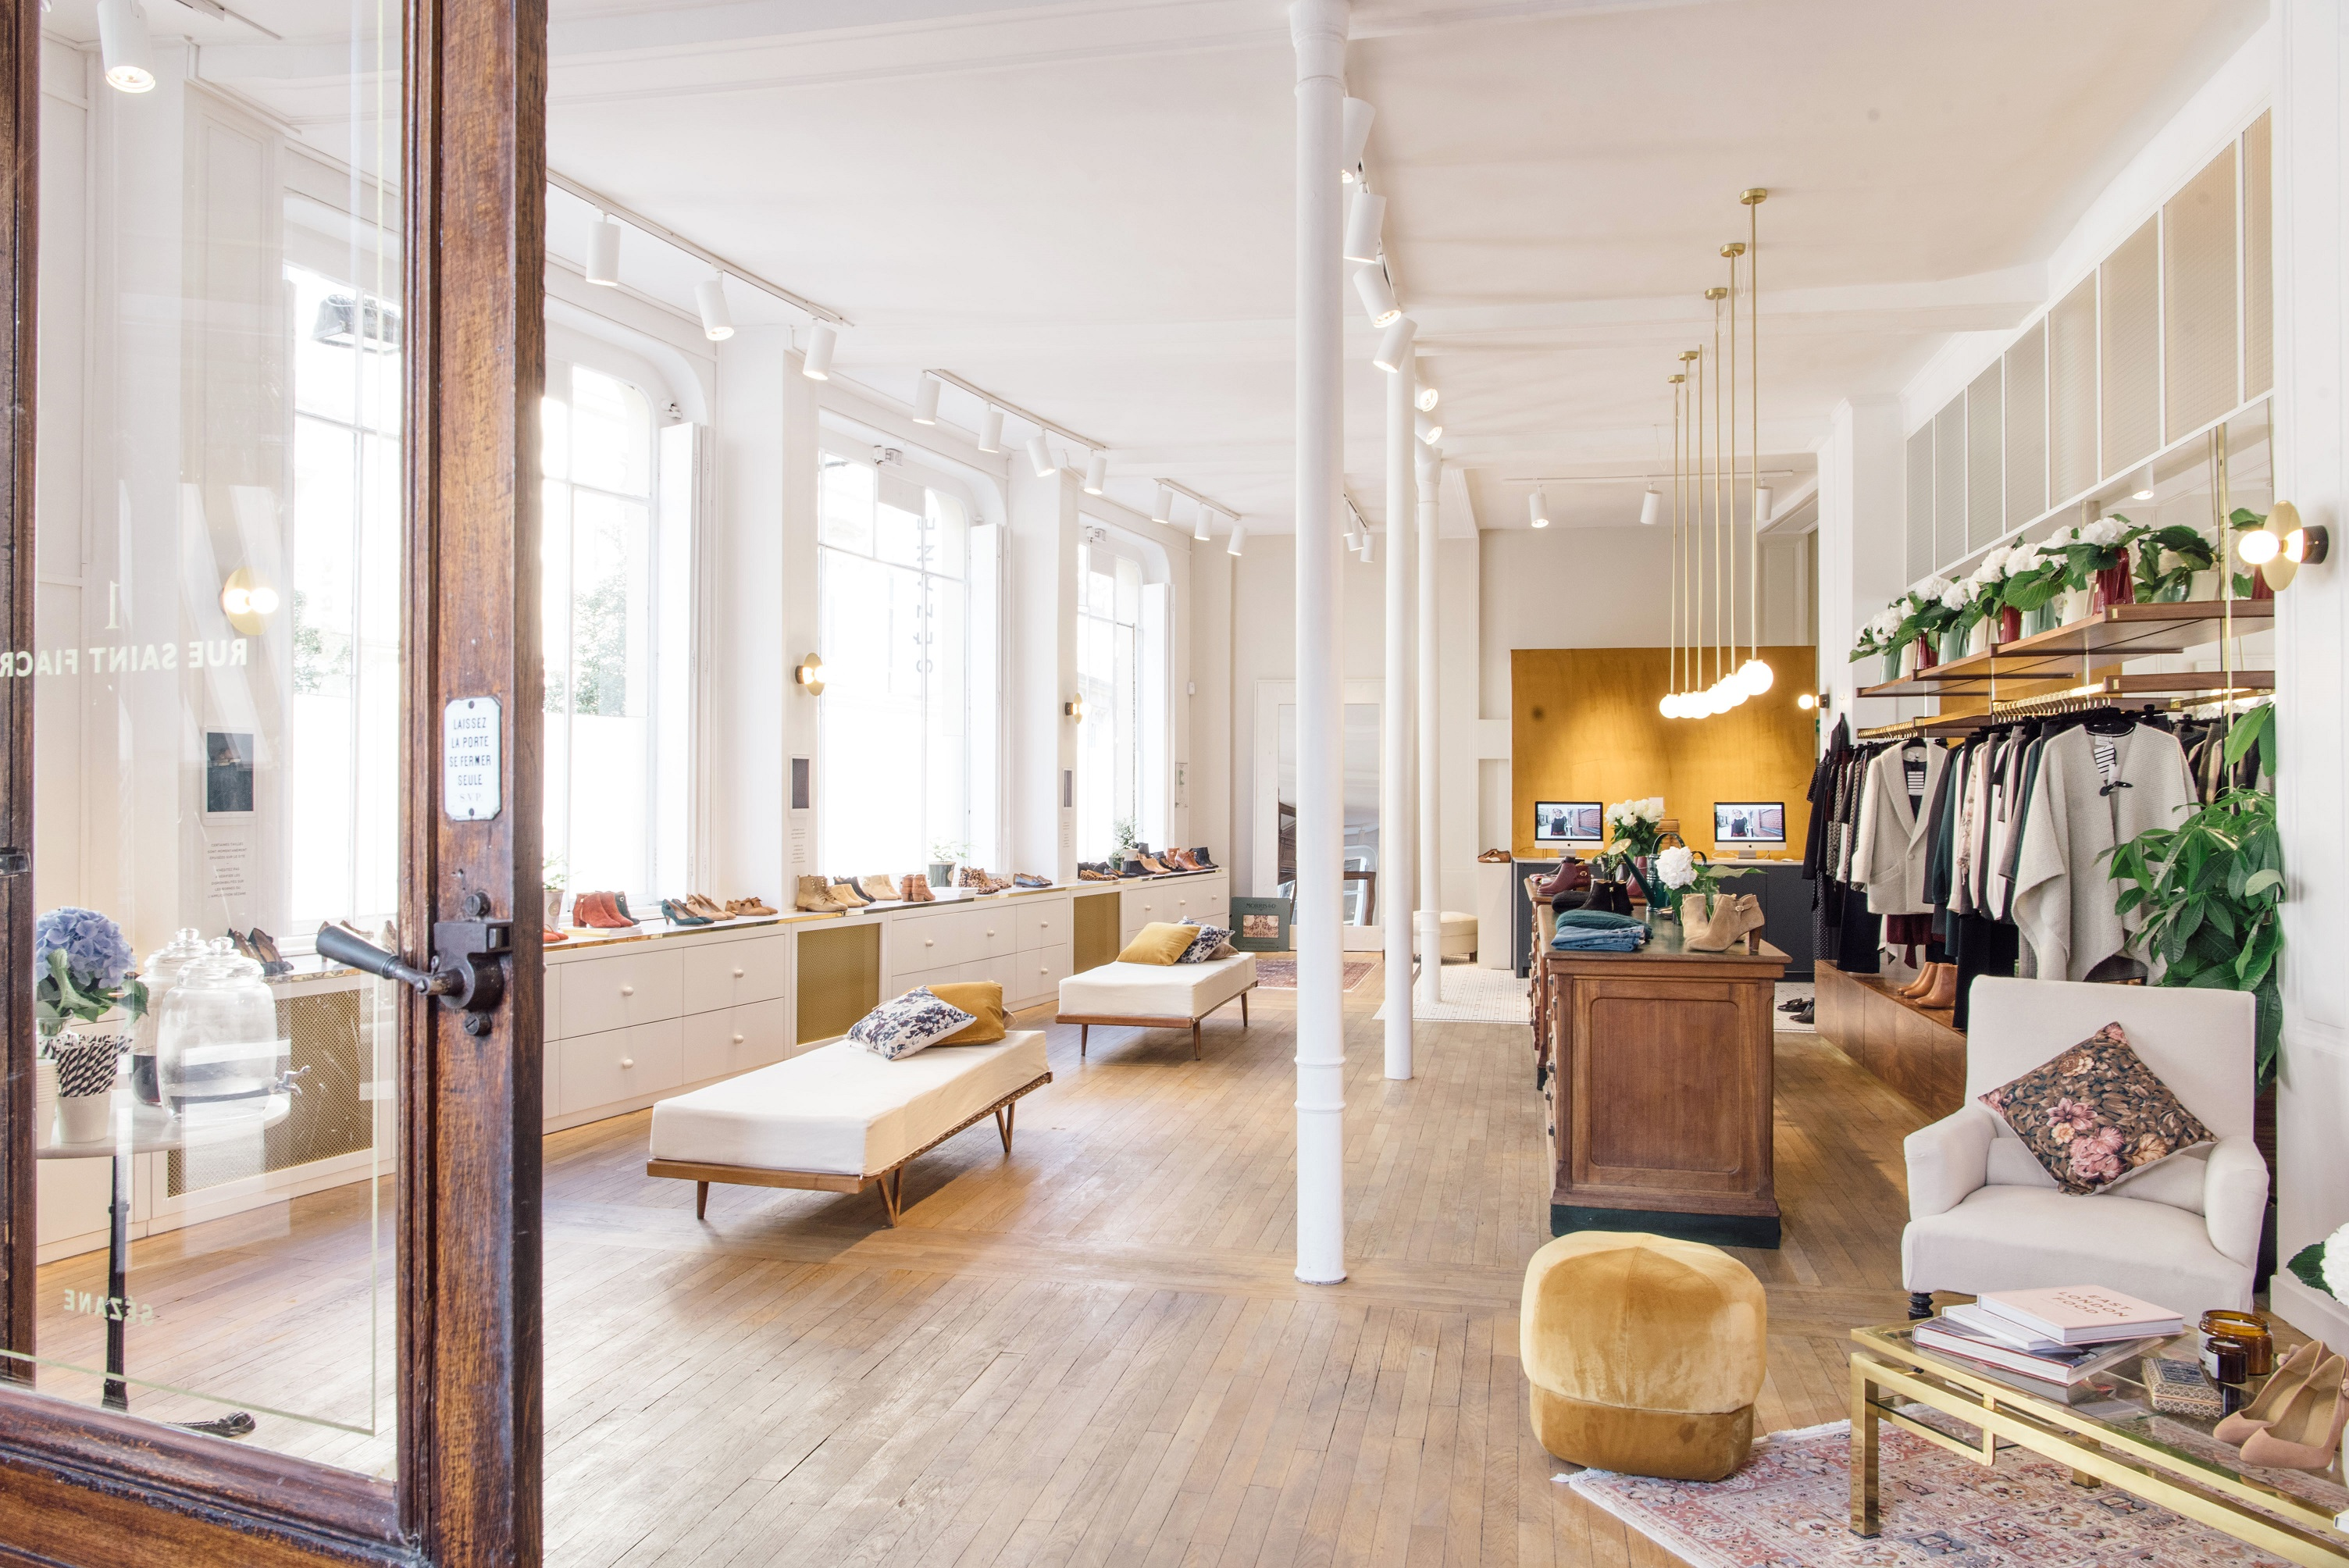 l 39 appartement s zane accueille le meilleur de l 39 angleterre l instant mode l appartement. Black Bedroom Furniture Sets. Home Design Ideas